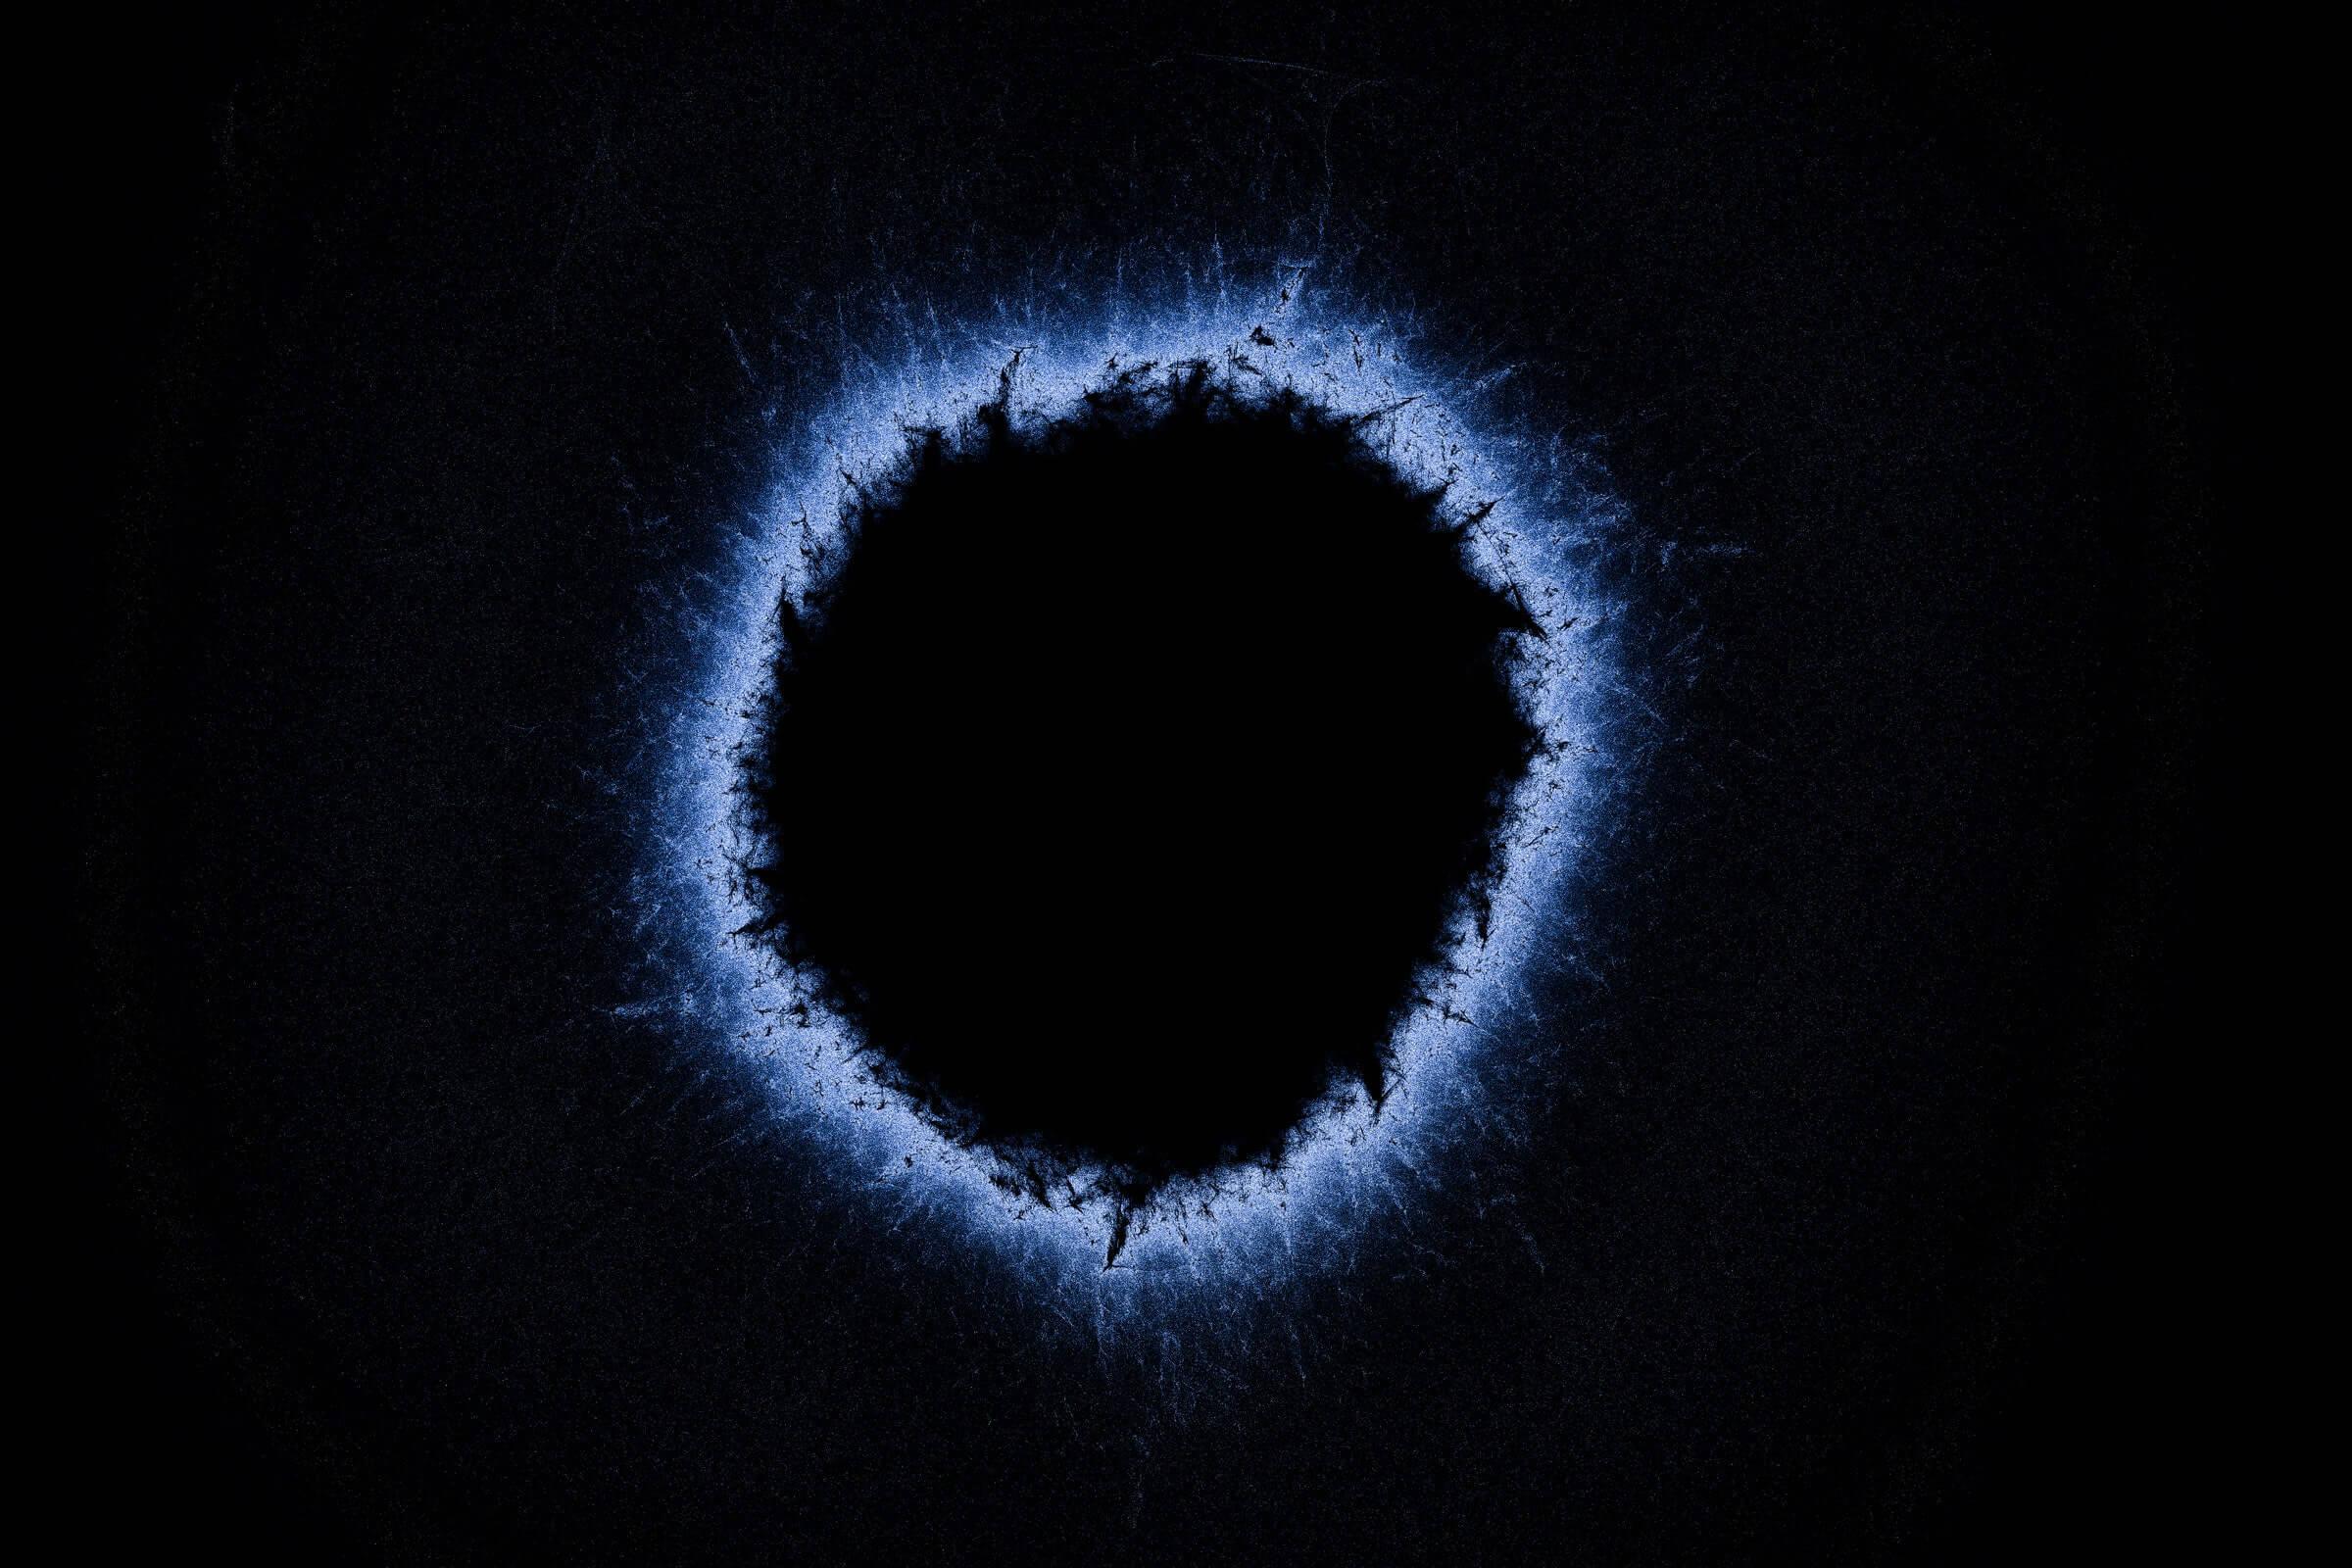 Астрономы обнаружили у черных дыр «волосы»